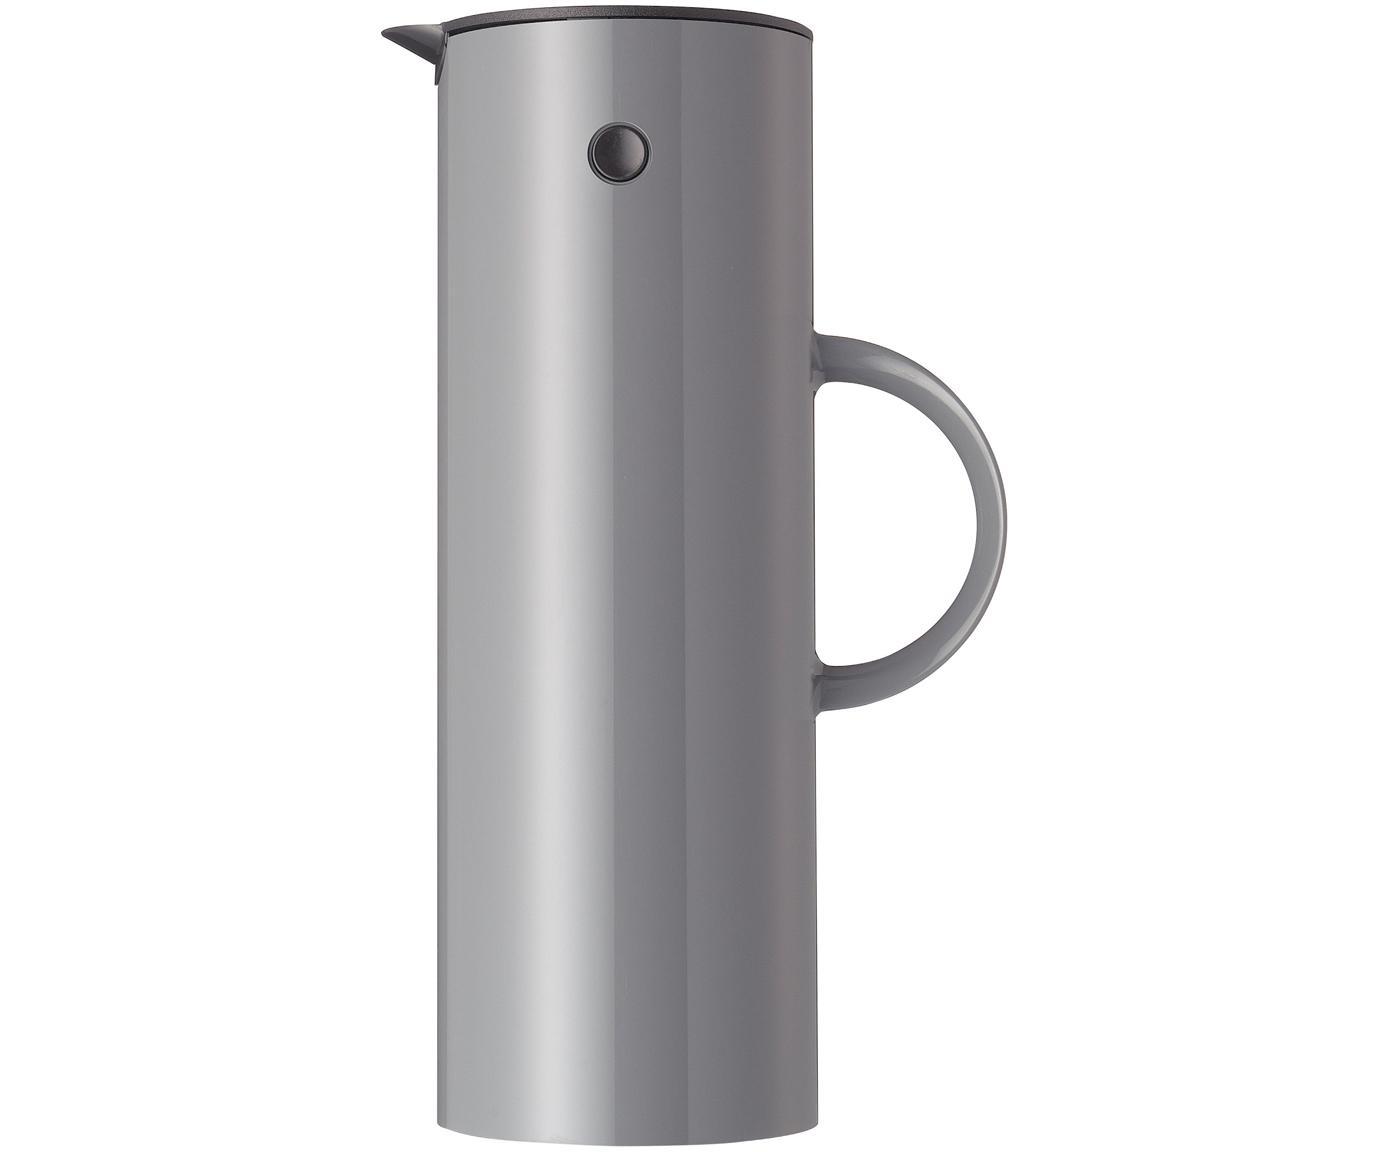 Thermosfles EM77 in glanzend grijs, ABS, aan de binnenkant met glazen inleg, Granietgrijs, 1 L